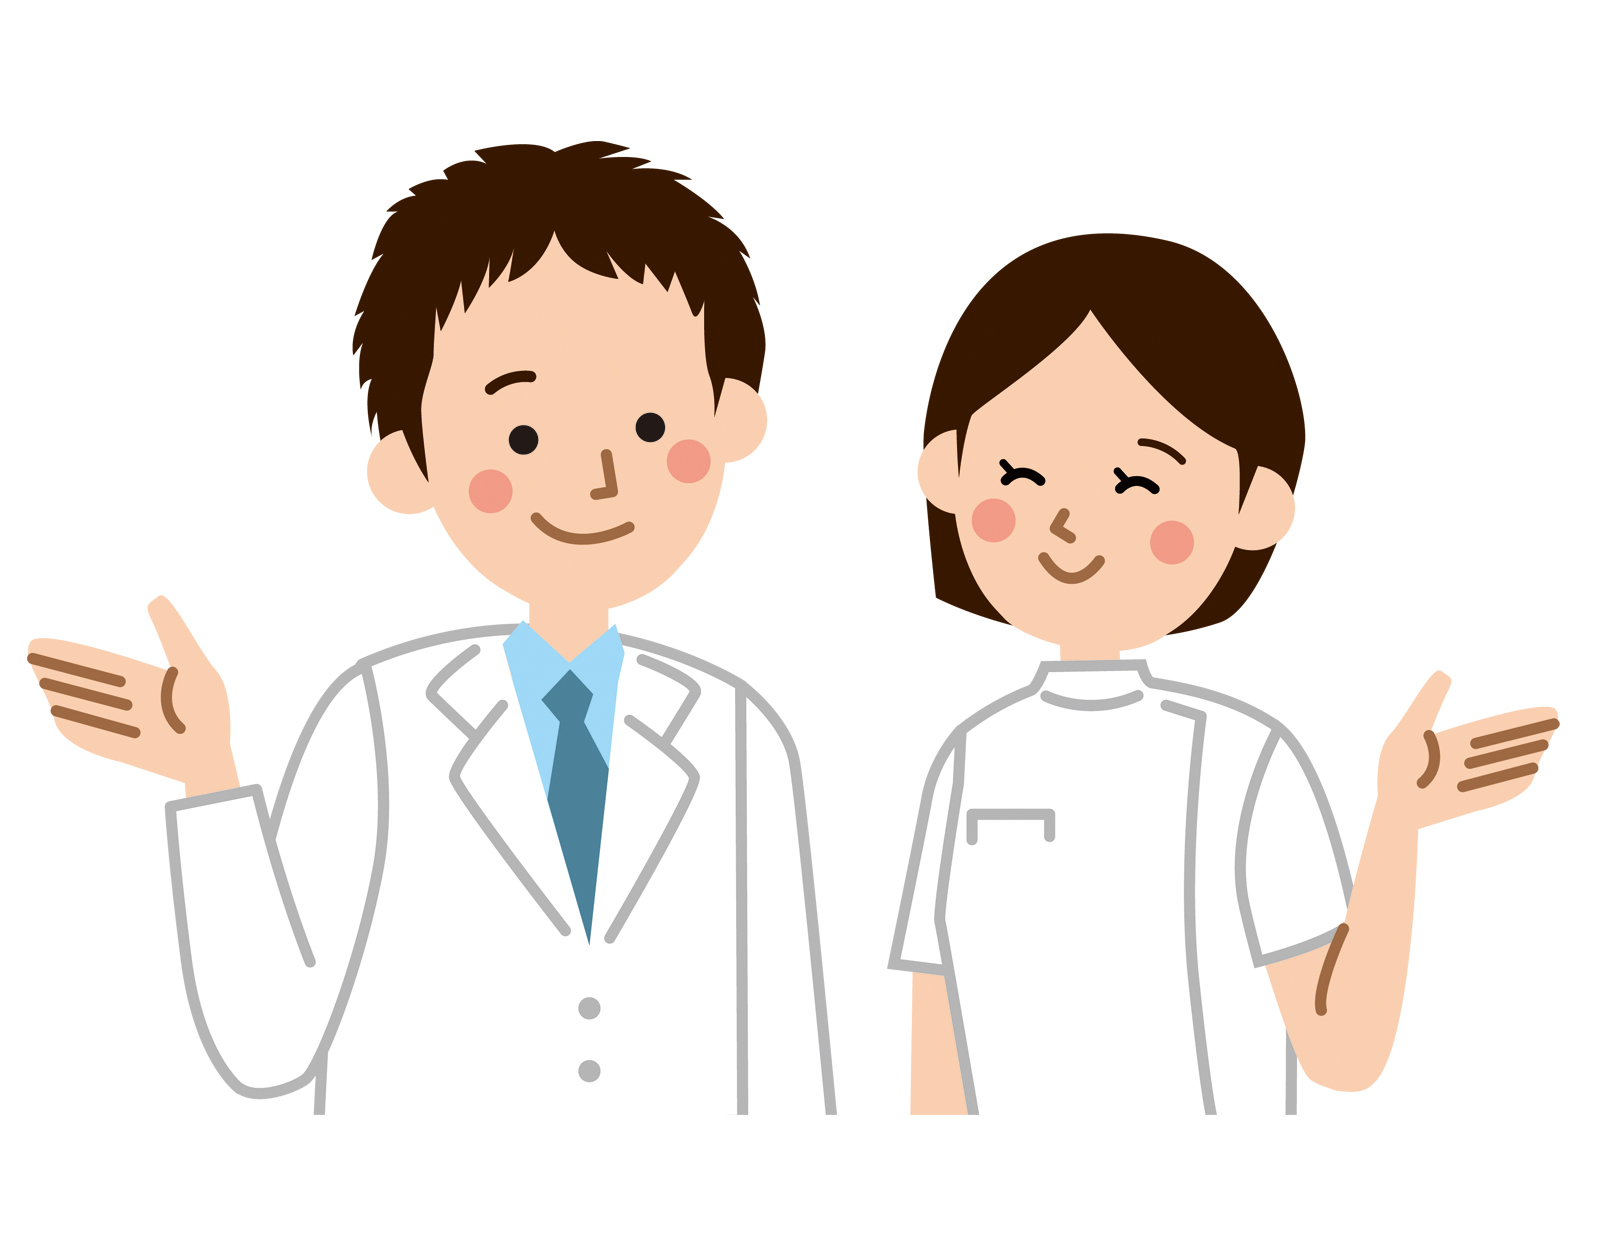 薬剤師 病院 残業 サービス残業 激務 ハードワーク